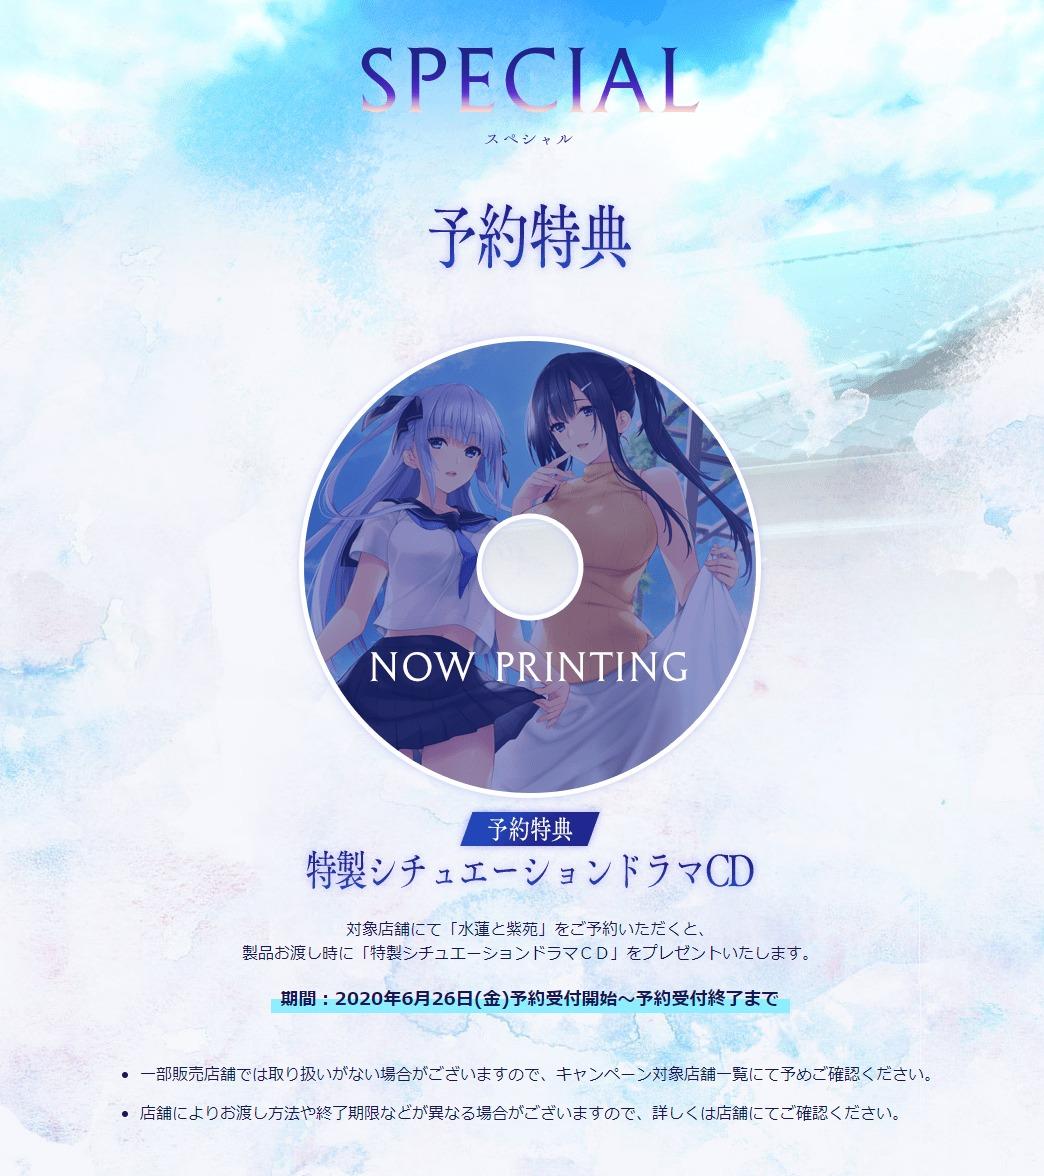 スペシャル2_|_水蓮と紫苑 (1)